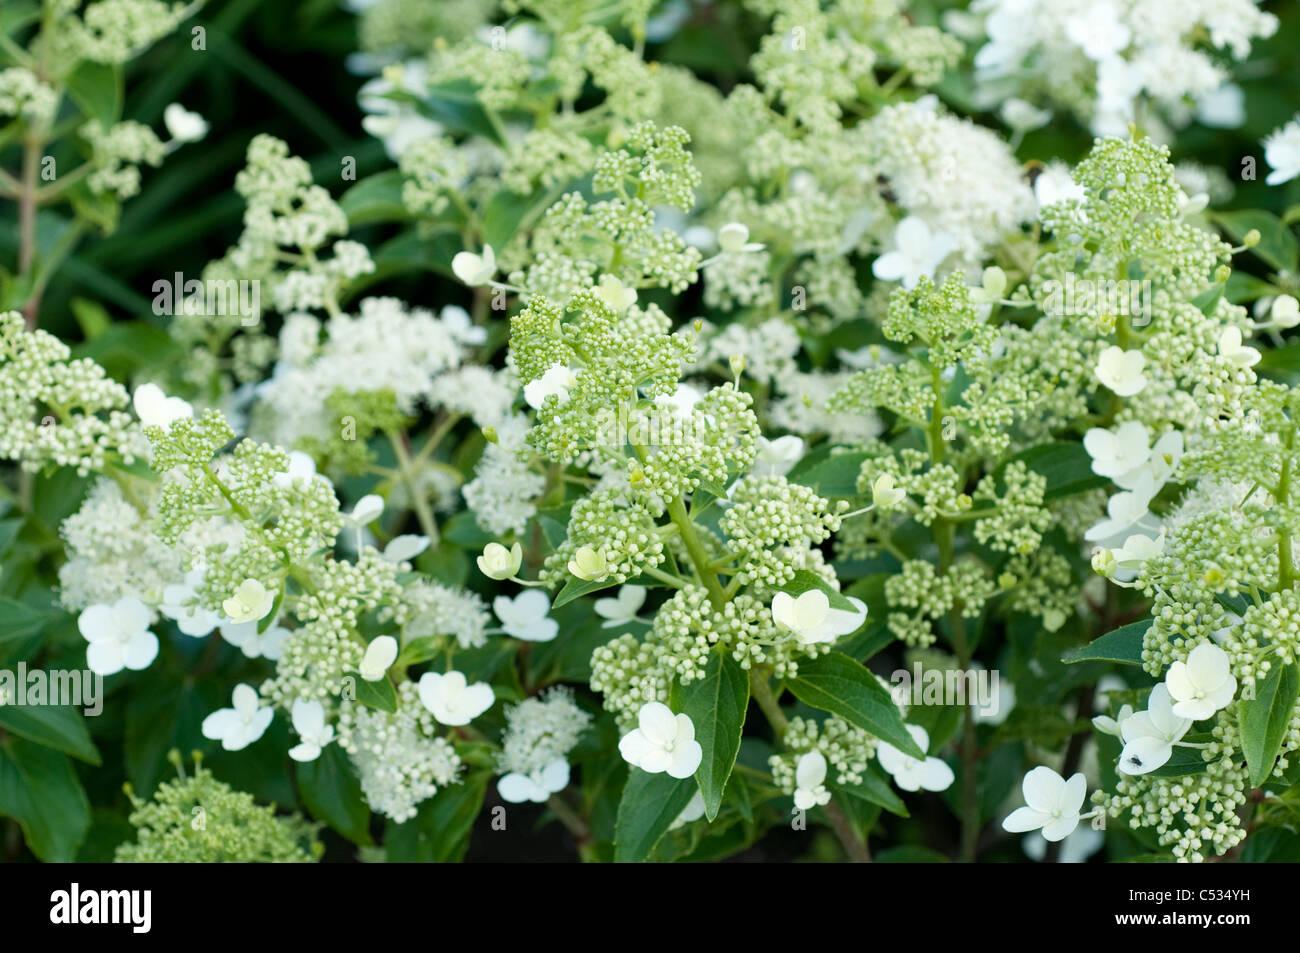 Hydrangea paniculata 'Kyushu' - Stock Image